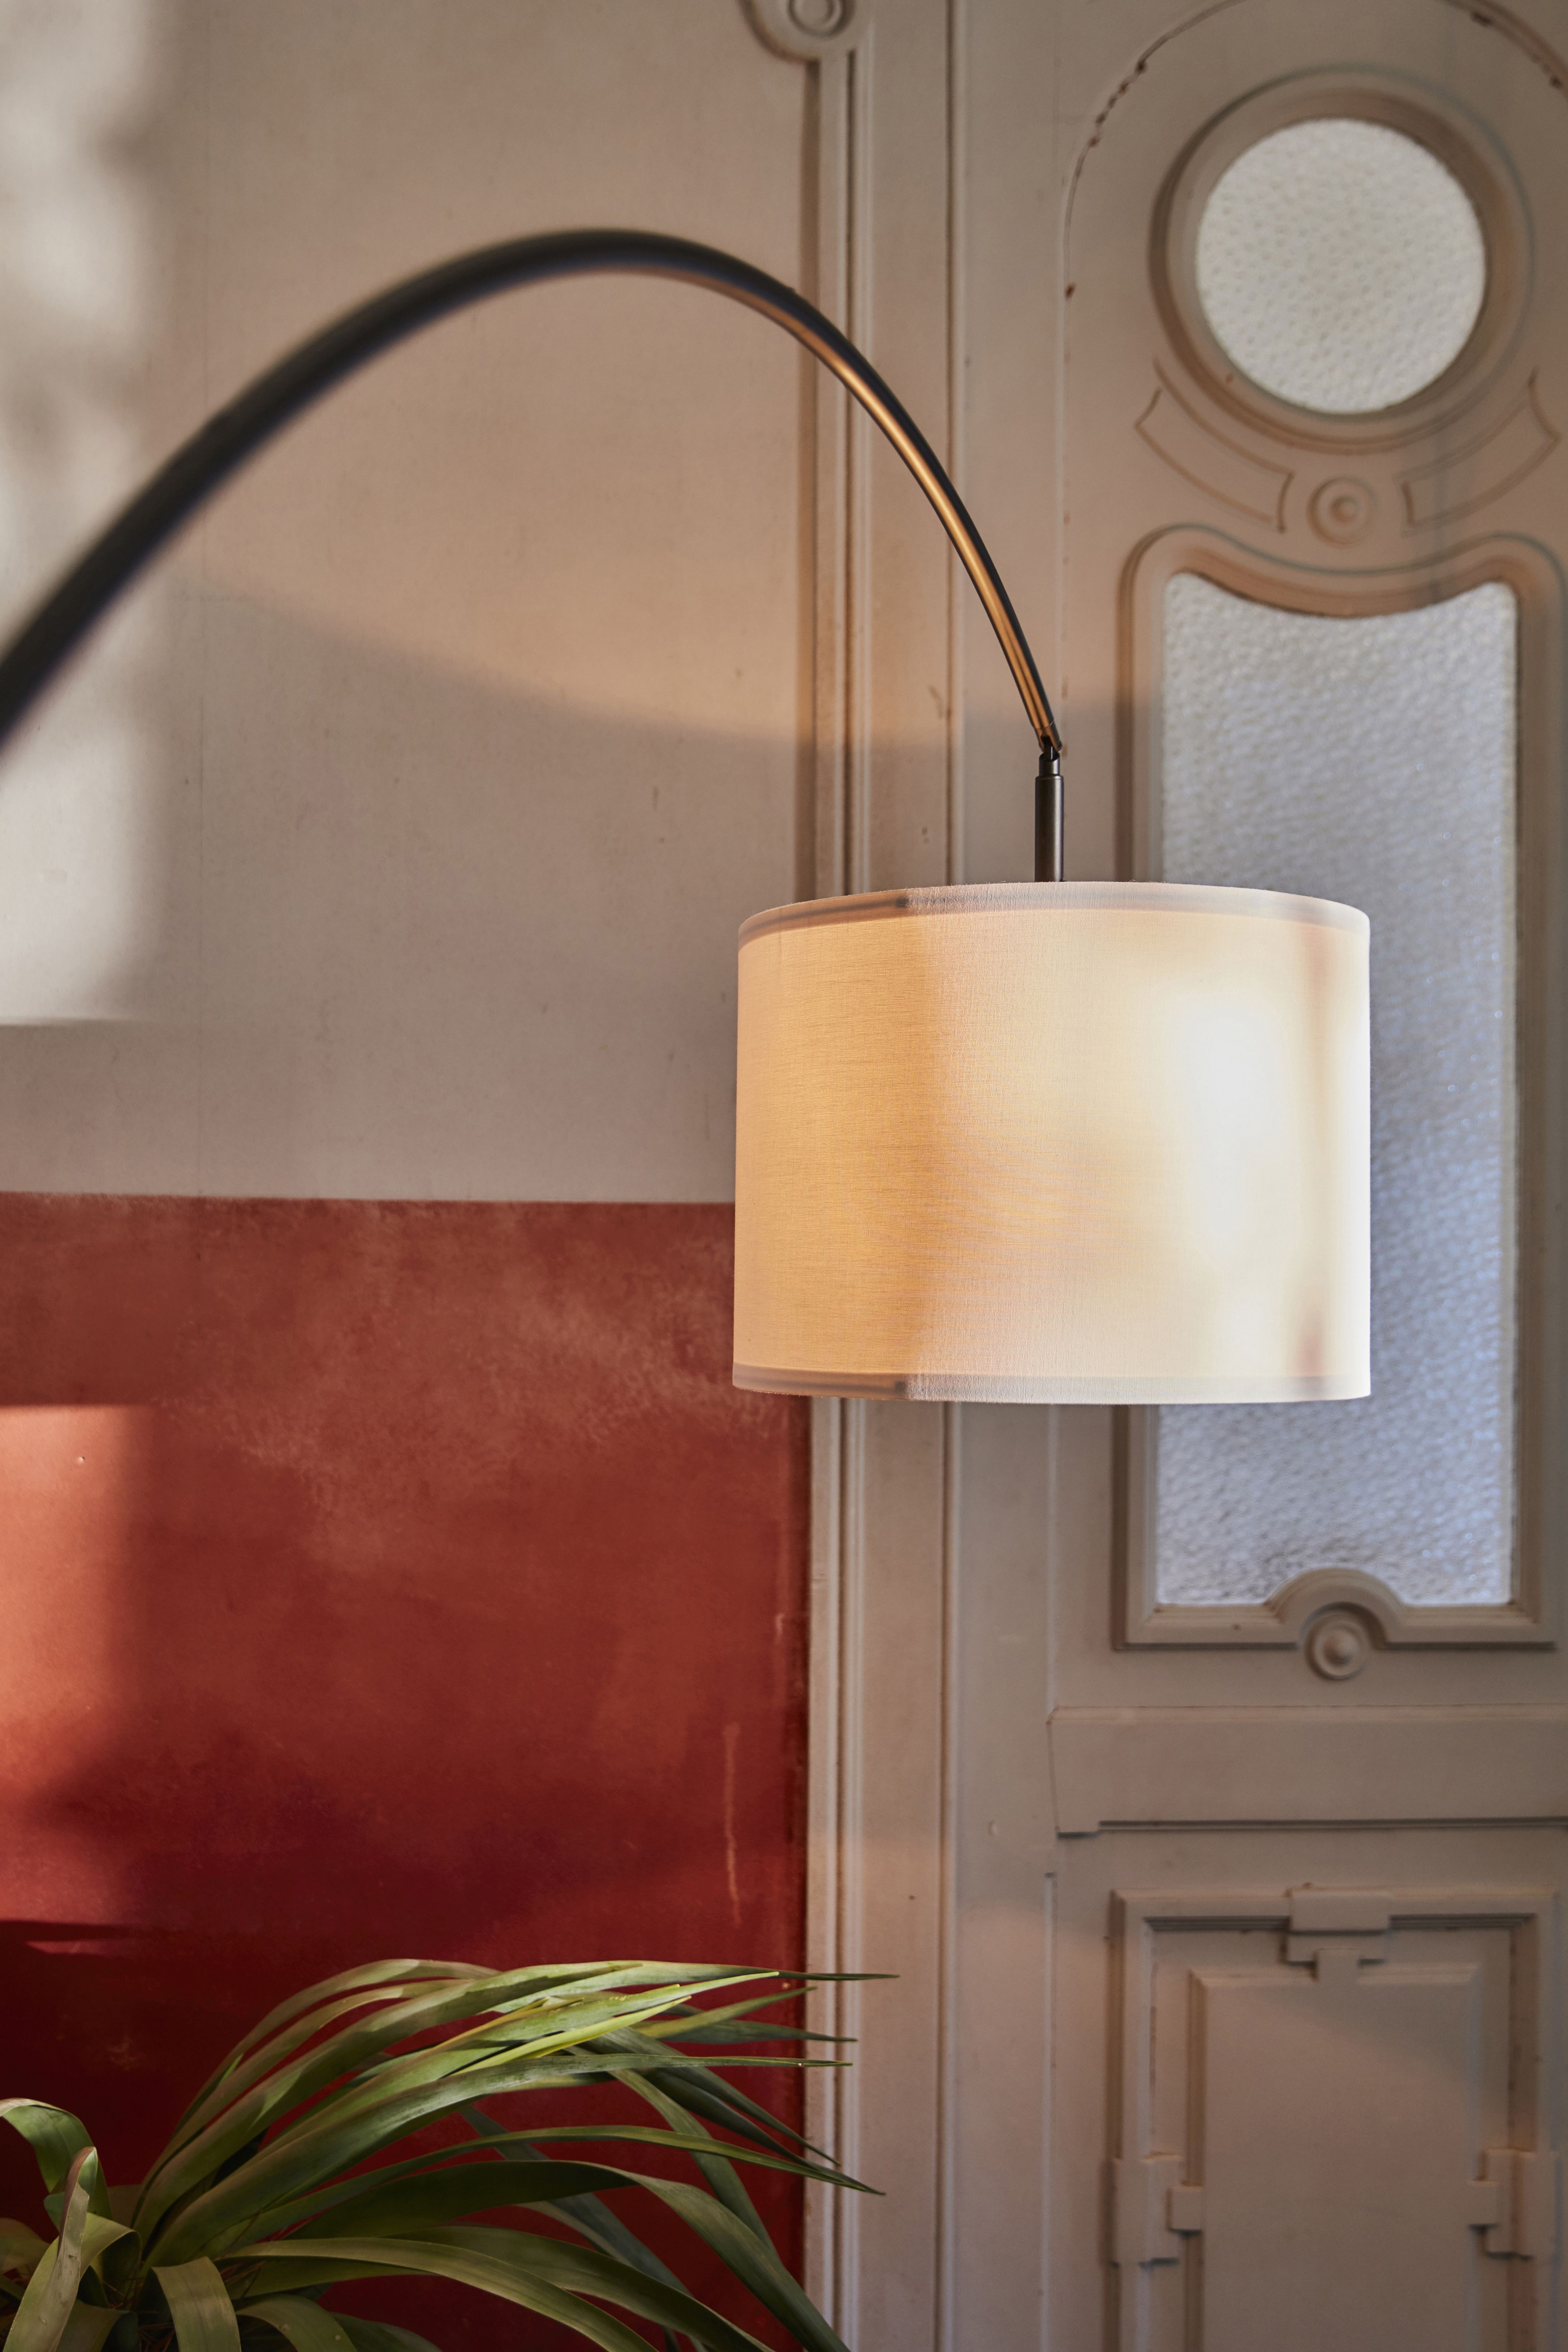 Skaftet Standleuchtenfuss Bogenform Schwarz Ikea Deutschland In 2020 Scandinavian Style Ikea Led Leuchtmittel